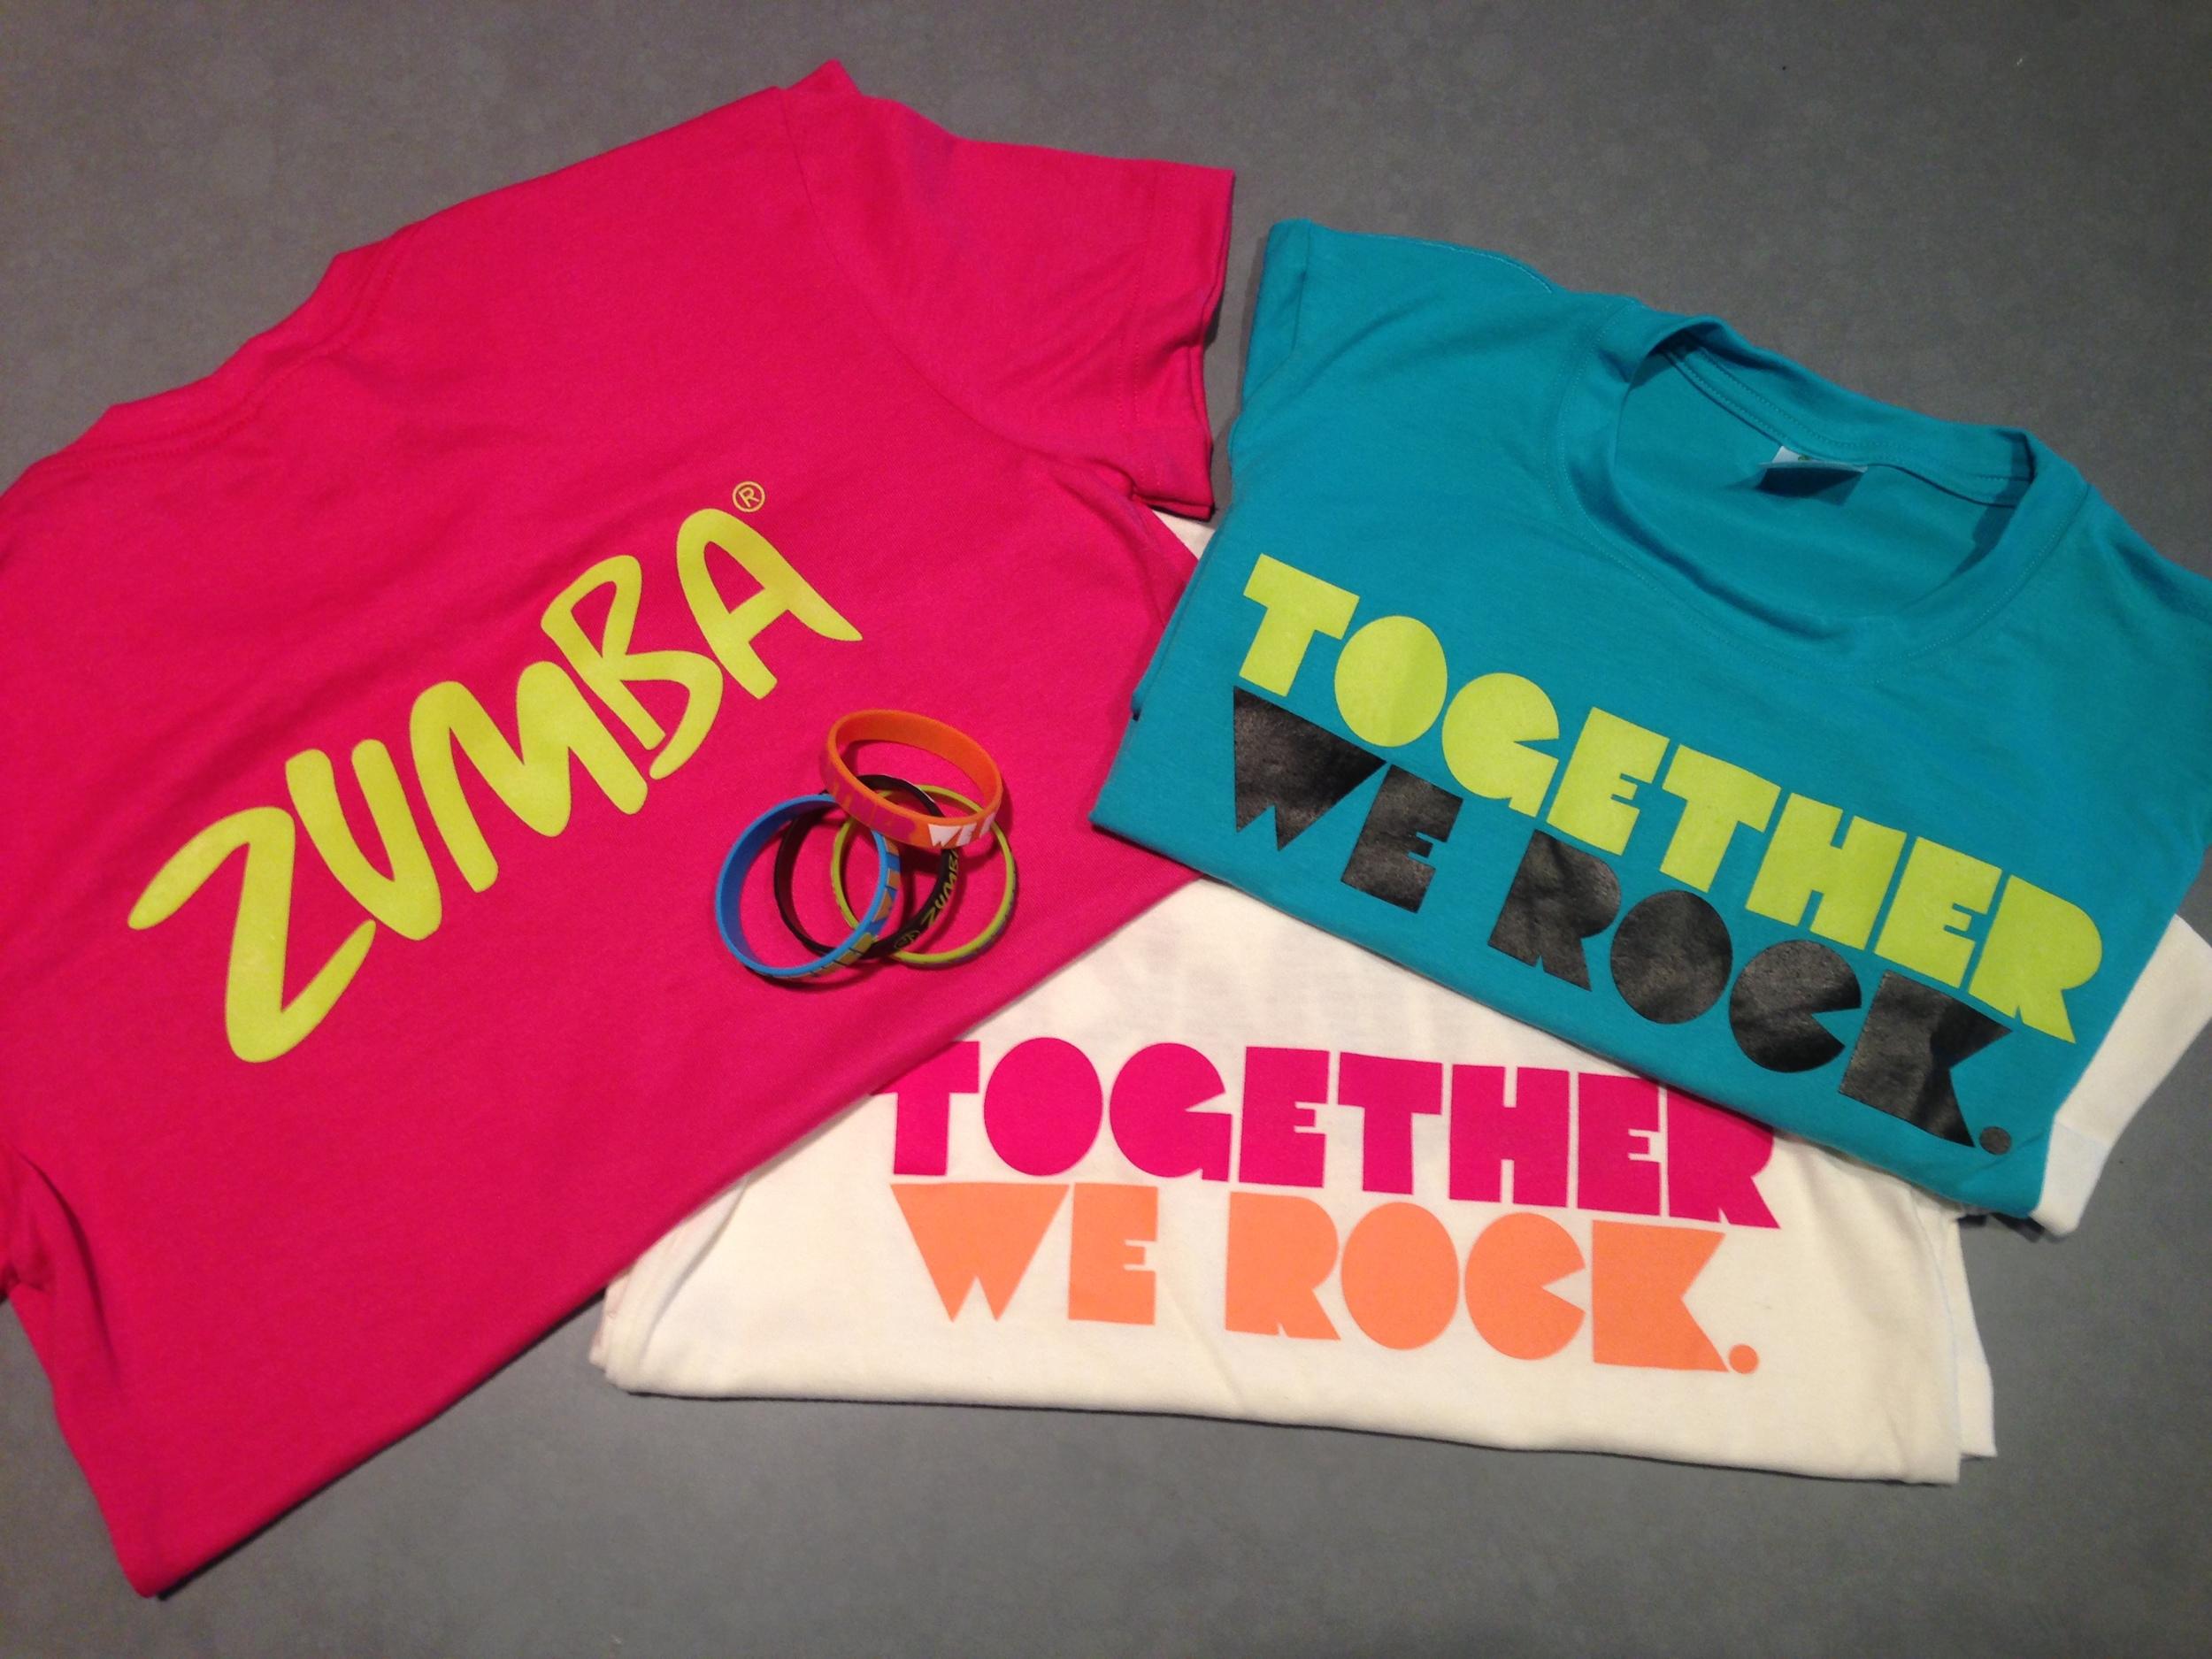 Together We Rock T-Shirts & Bracelets